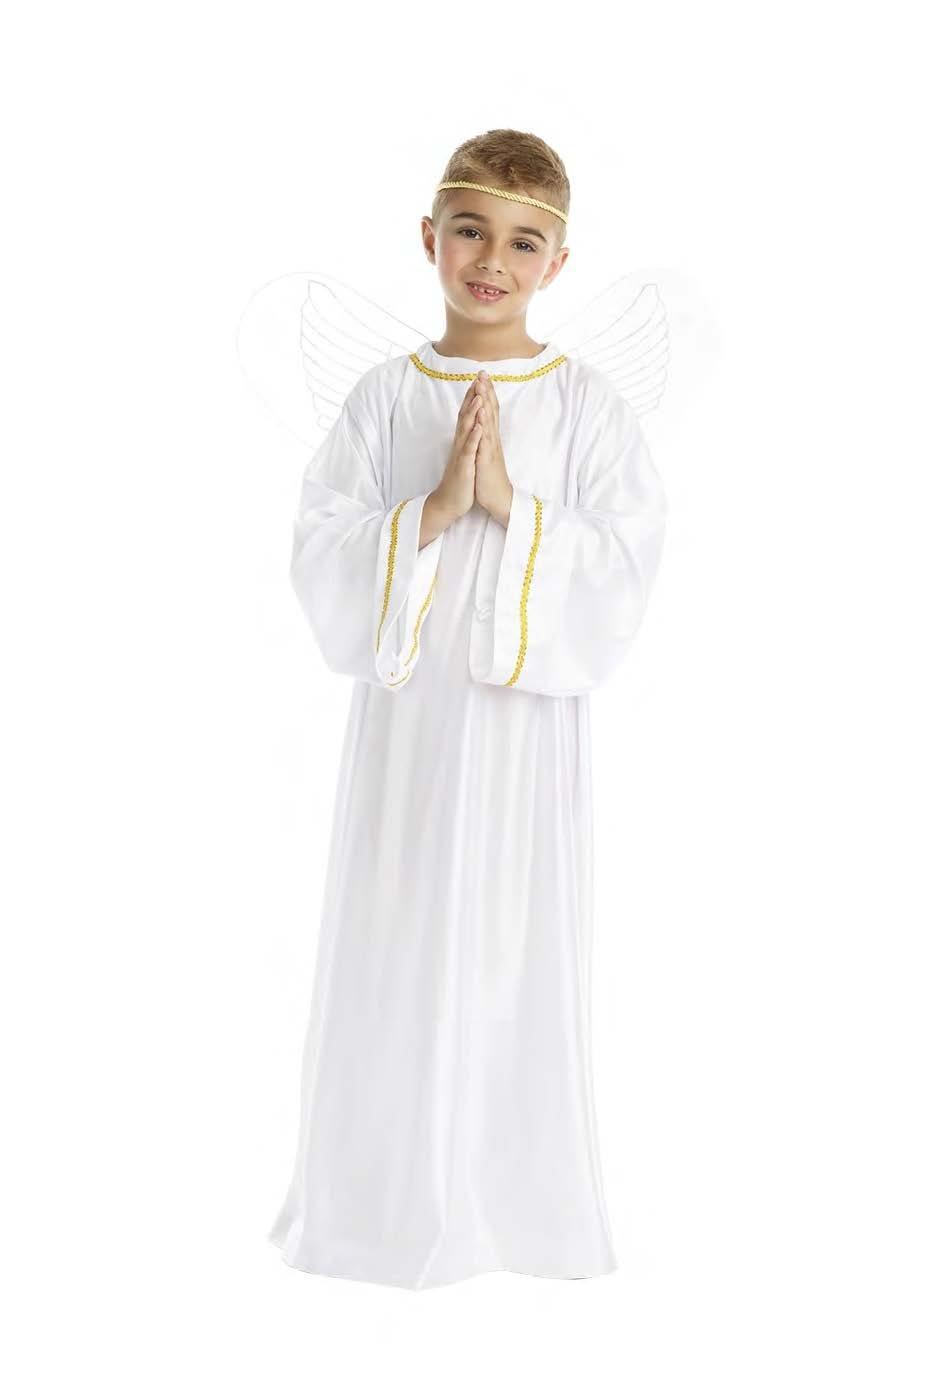 Disfraz De Angel Nia Latest Free Finest Disfraz De Angel With - Disfraz-angel-nia